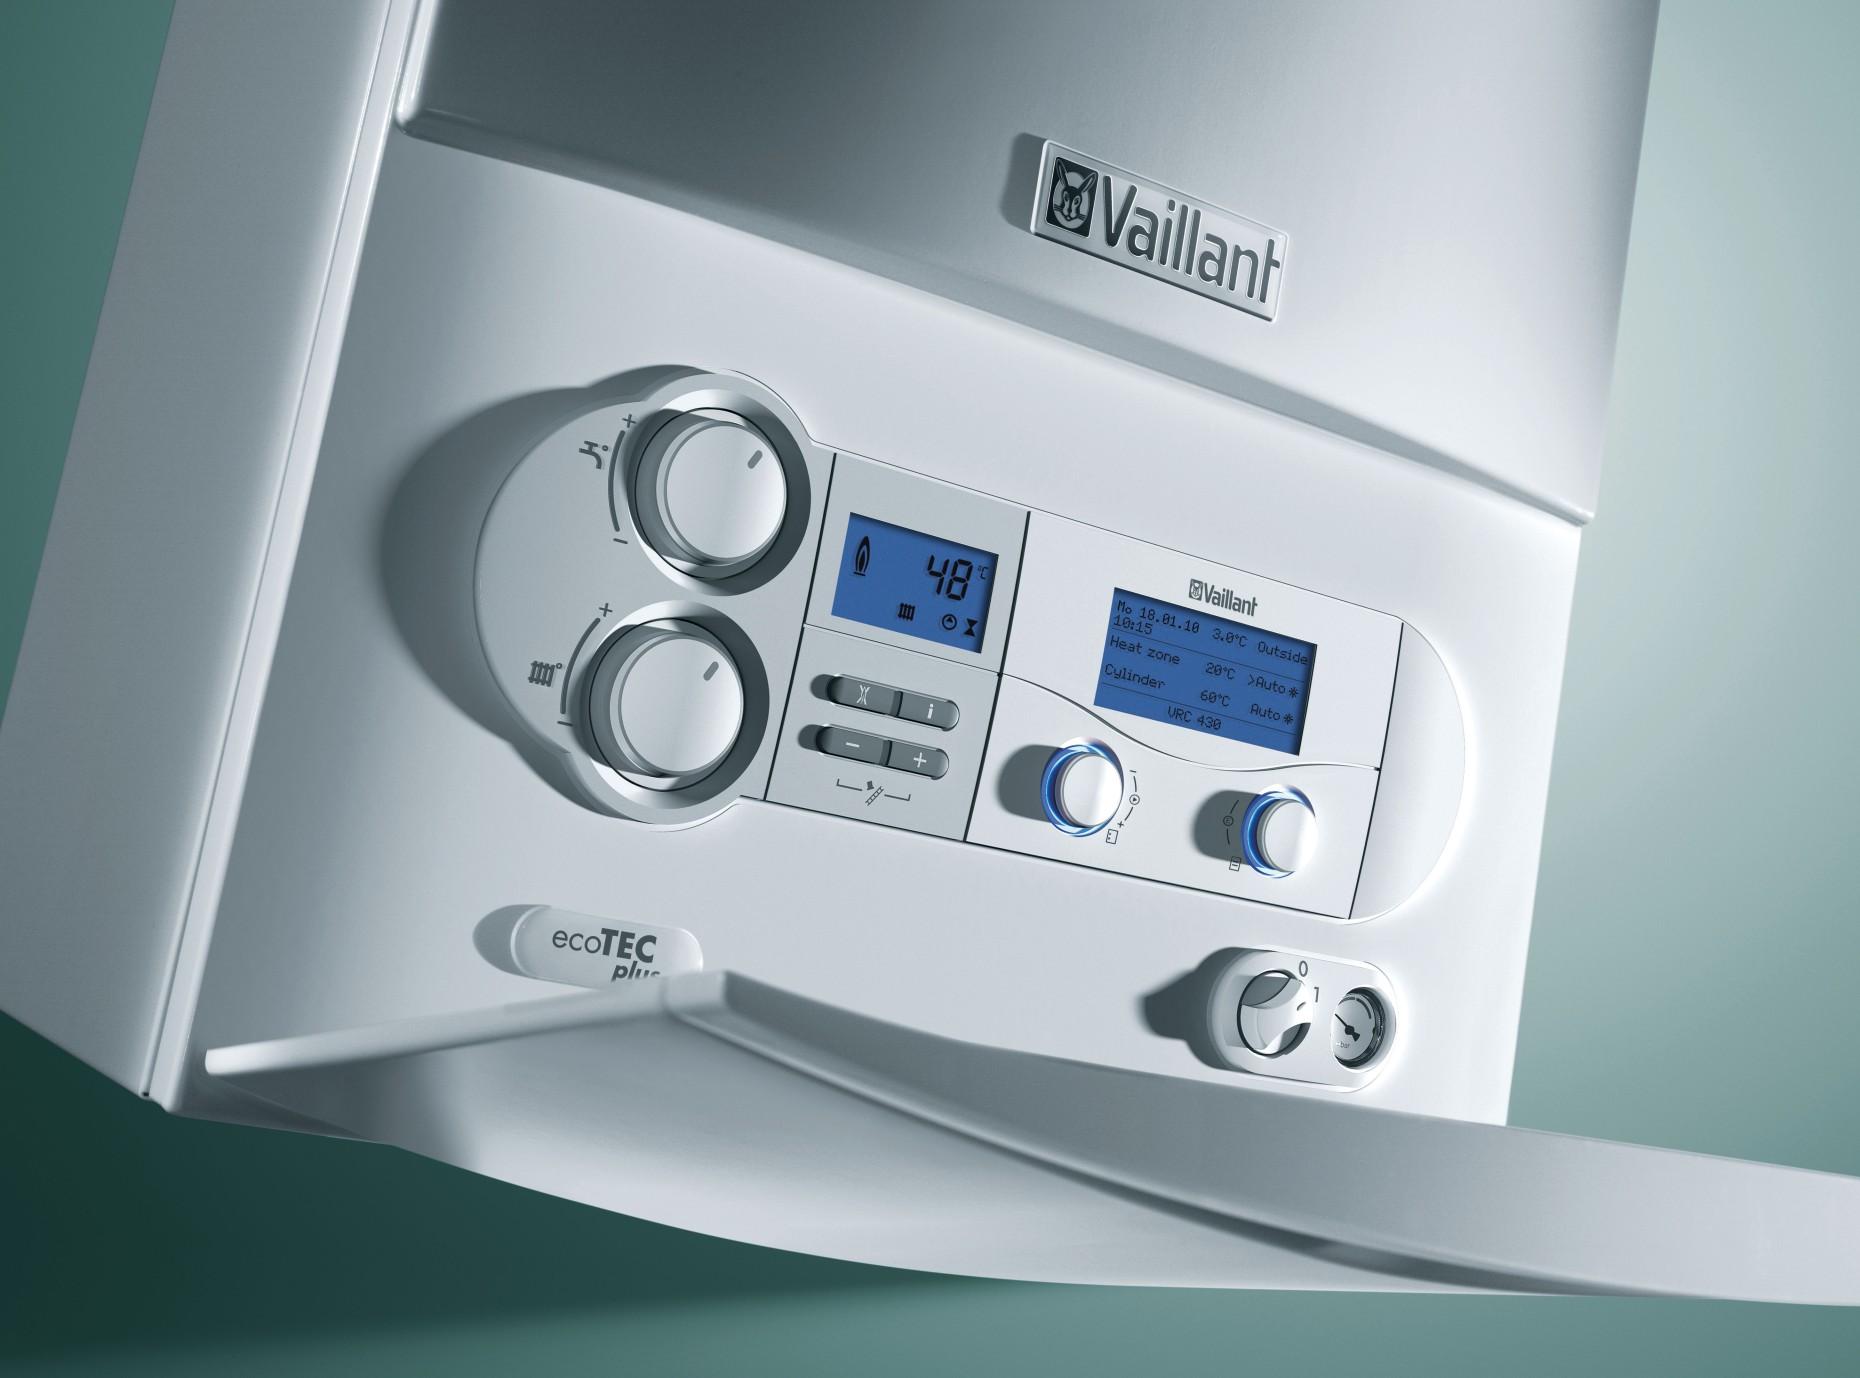 chaudi re murale condensation au gaz ecotec plus vc 45 65 vaillant. Black Bedroom Furniture Sets. Home Design Ideas